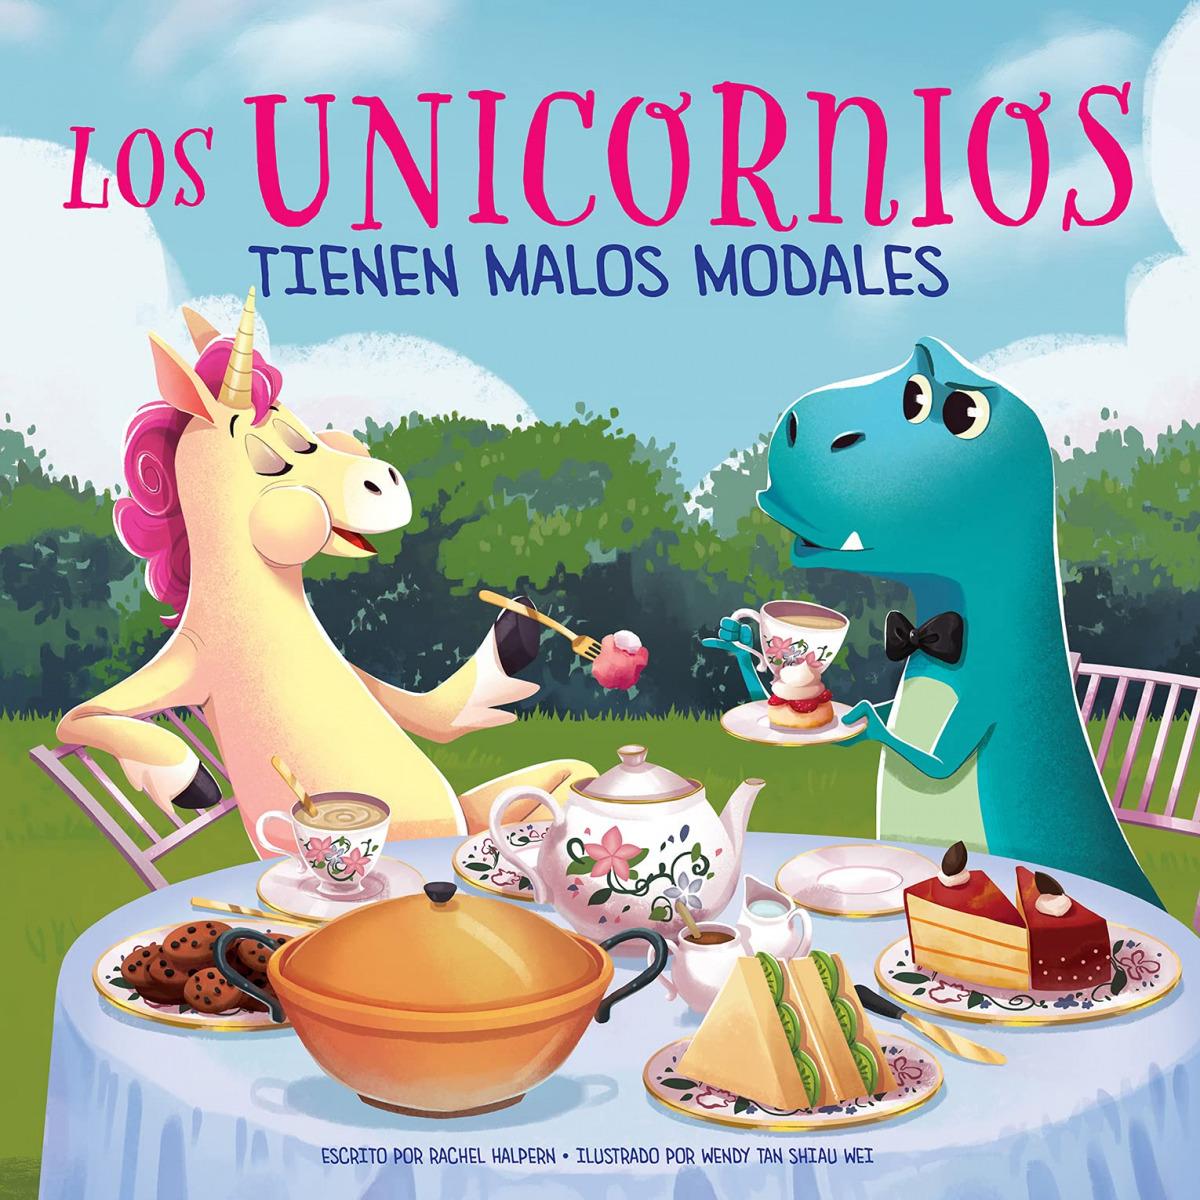 LOS UNICORNIOS NO TIENEN MODALES